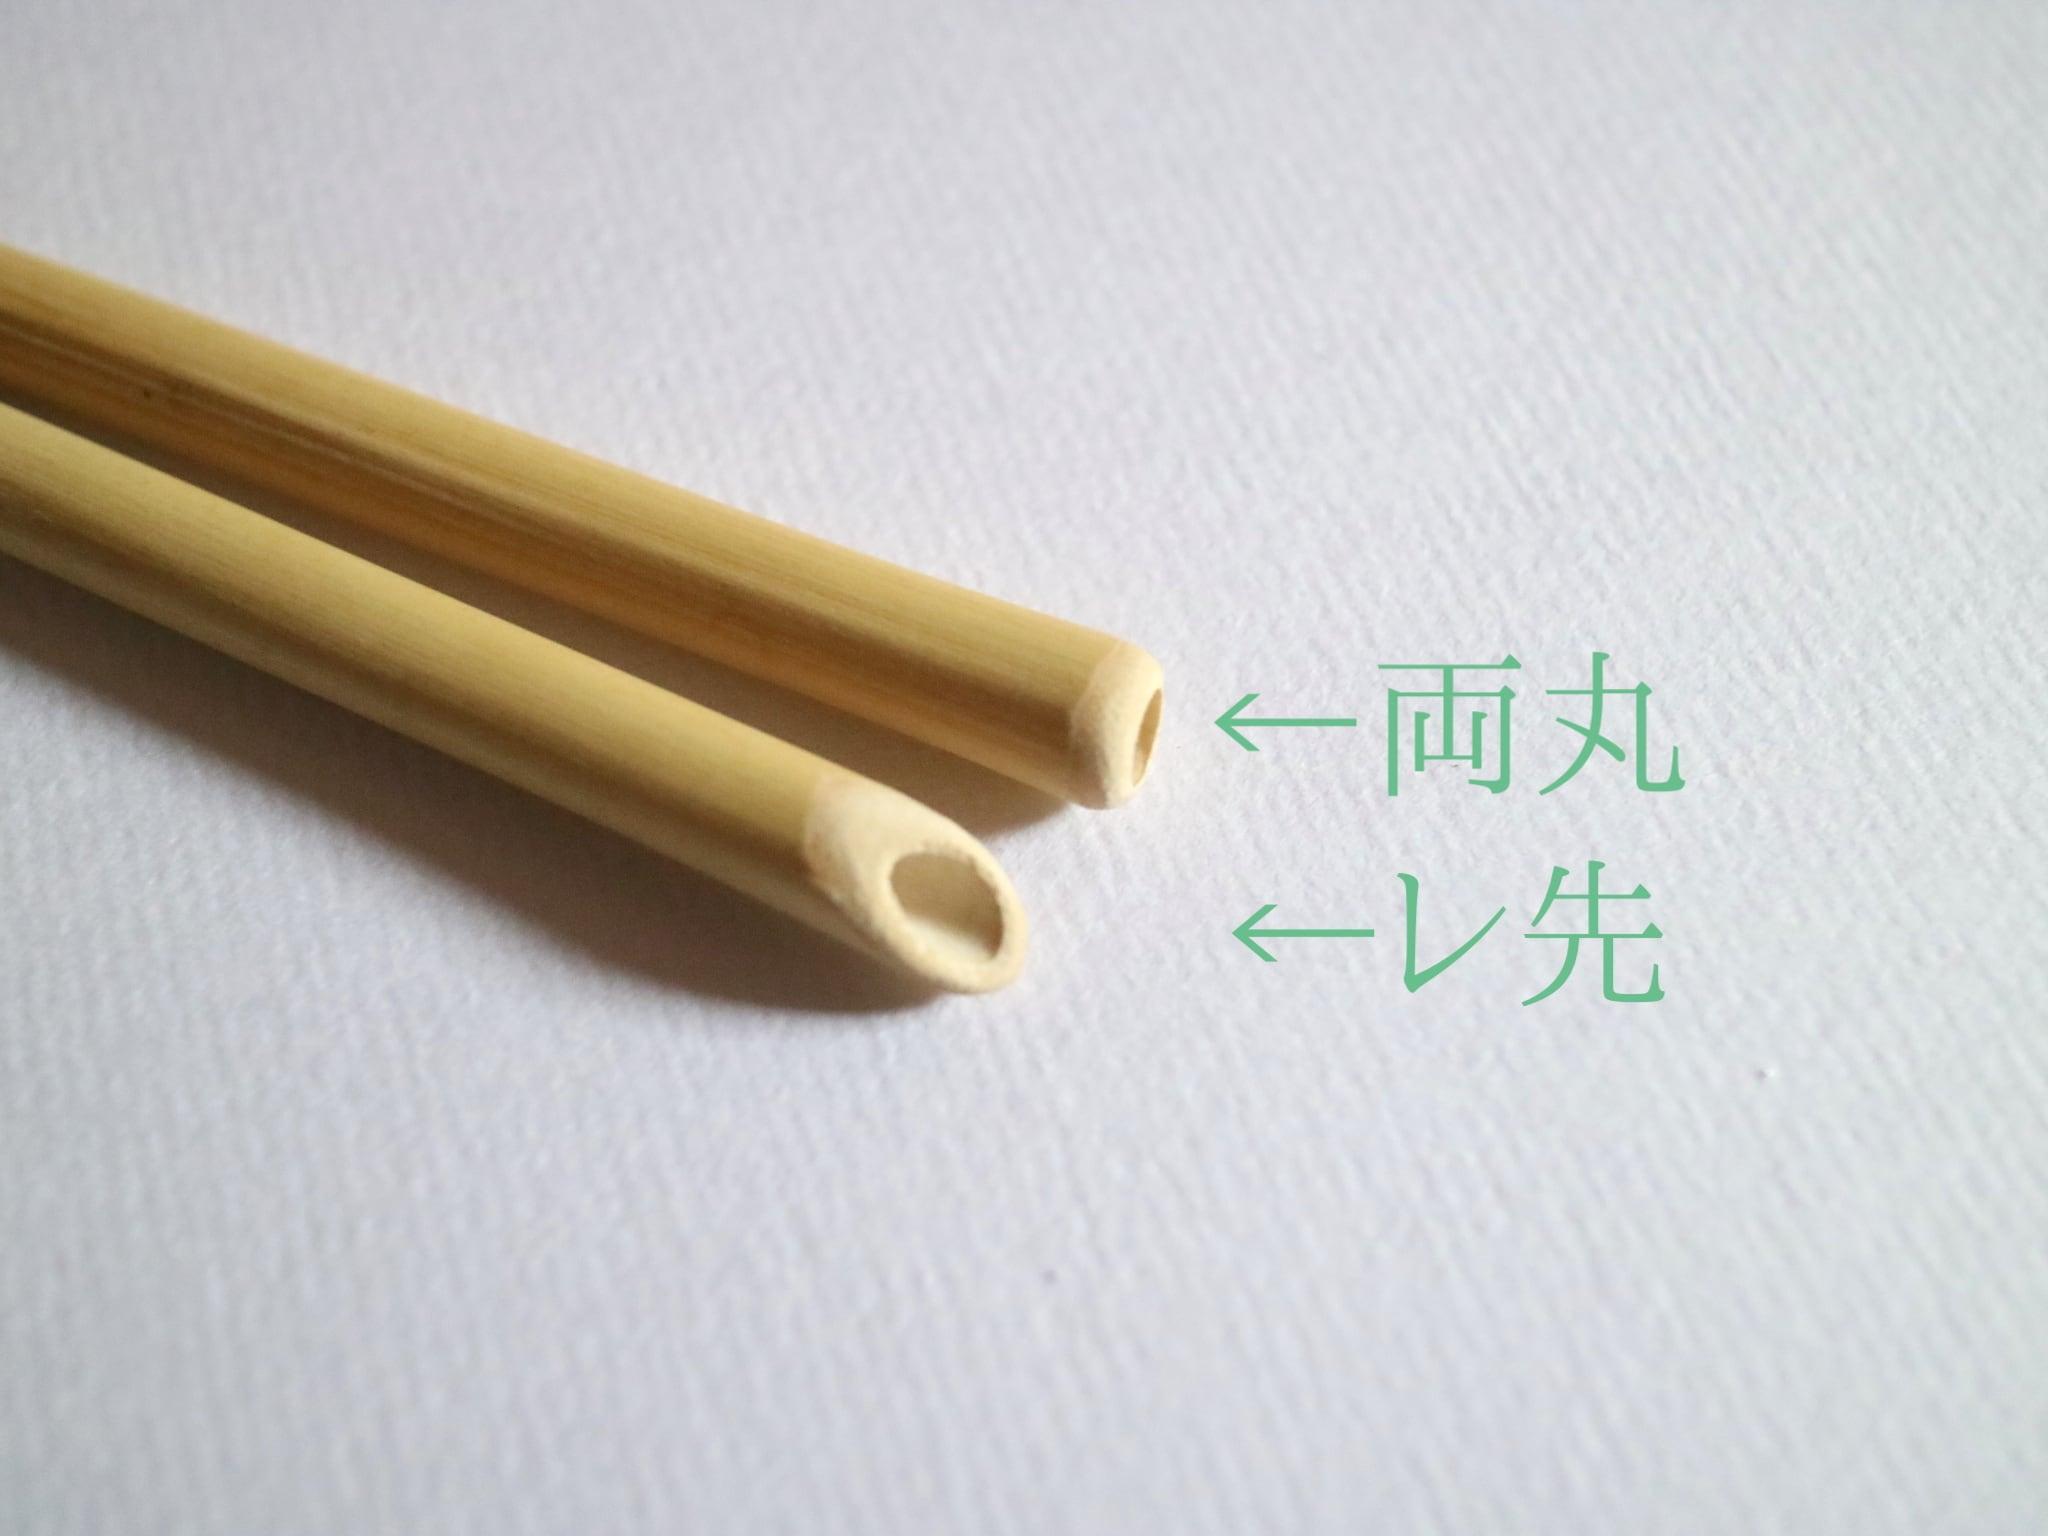 子供竹ストロー15cm_両丸(単品)